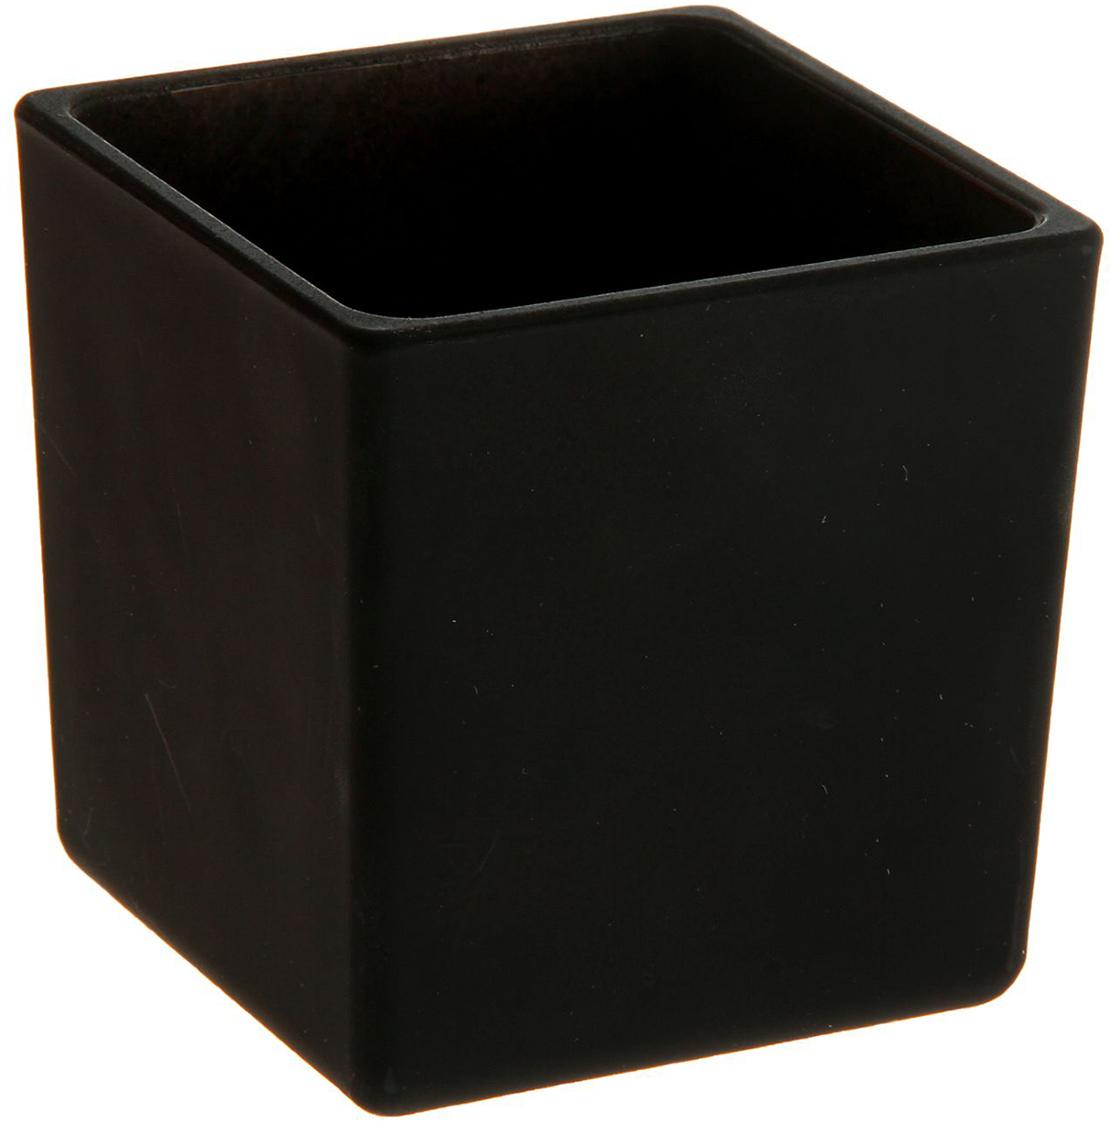 Ваза Evis Пять вечеров, цвет: черный, 0,25 л. 11698771169877Ваза - не просто сосуд для букета, а украшение убранства. Поставьте в неё цветы или декоративные веточки, и эффектный интерьерный акцент готов! Стеклянный аксессуар добавит помещению лёгкости.Ваза Пять вечеров чёрная, матовая, квадрат 0,25 л преобразит пространство и как самостоятельный элемент декора. Наполните интерьер уютом!Каждая ваза выдувается мастером. Второй точно такой же не встретить. А случайный пузырёк воздуха или застывшая стеклянная капелька на горлышке лишь подчёркивают её уникальность.